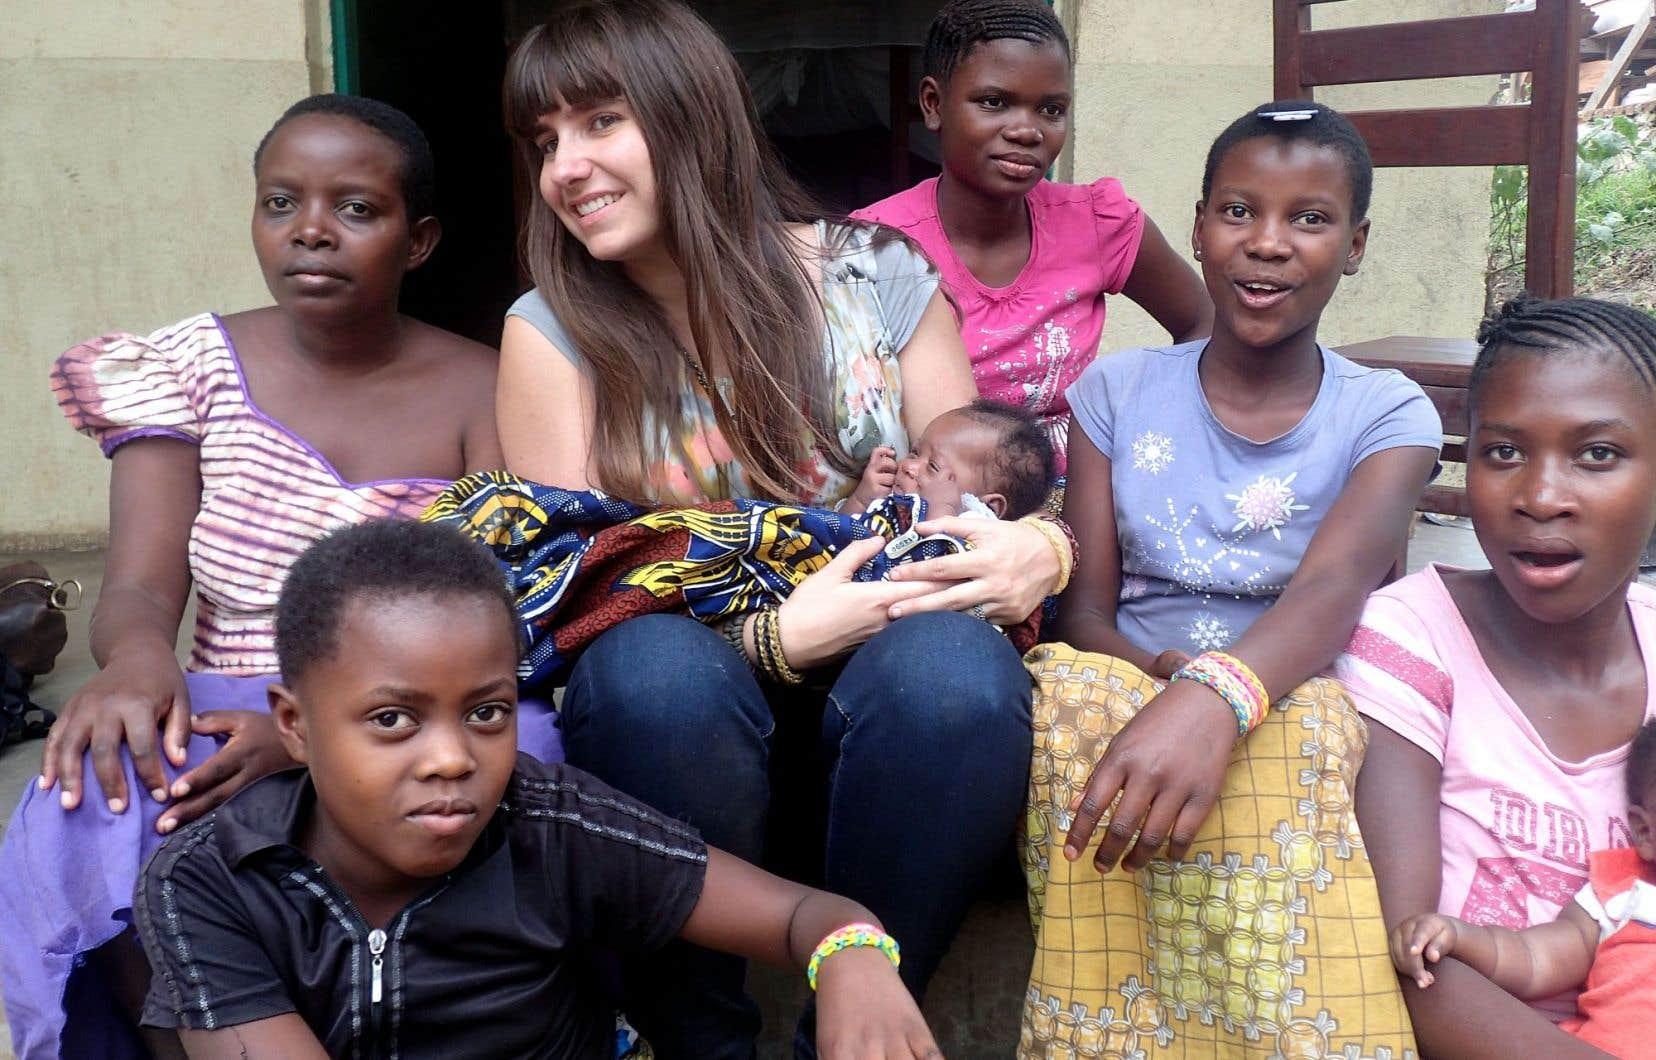 Magali Videau avec les résidentes de la maison Amani à Beni. L'enfant qu'elle tient dans ses bras s'appelle Noella et elle est née le 24décembre 2014. C'est le fruit du viol de sa jeune mère de 16ans (la jeune fille au chandail rose) durant sa captivité au sein du groupe de miliciens d'où elle s'est enfuie en juillet2014. Elle a été hébergée au centre de son septième mois de grossesse jusqu'à un mois après l'accouchement.